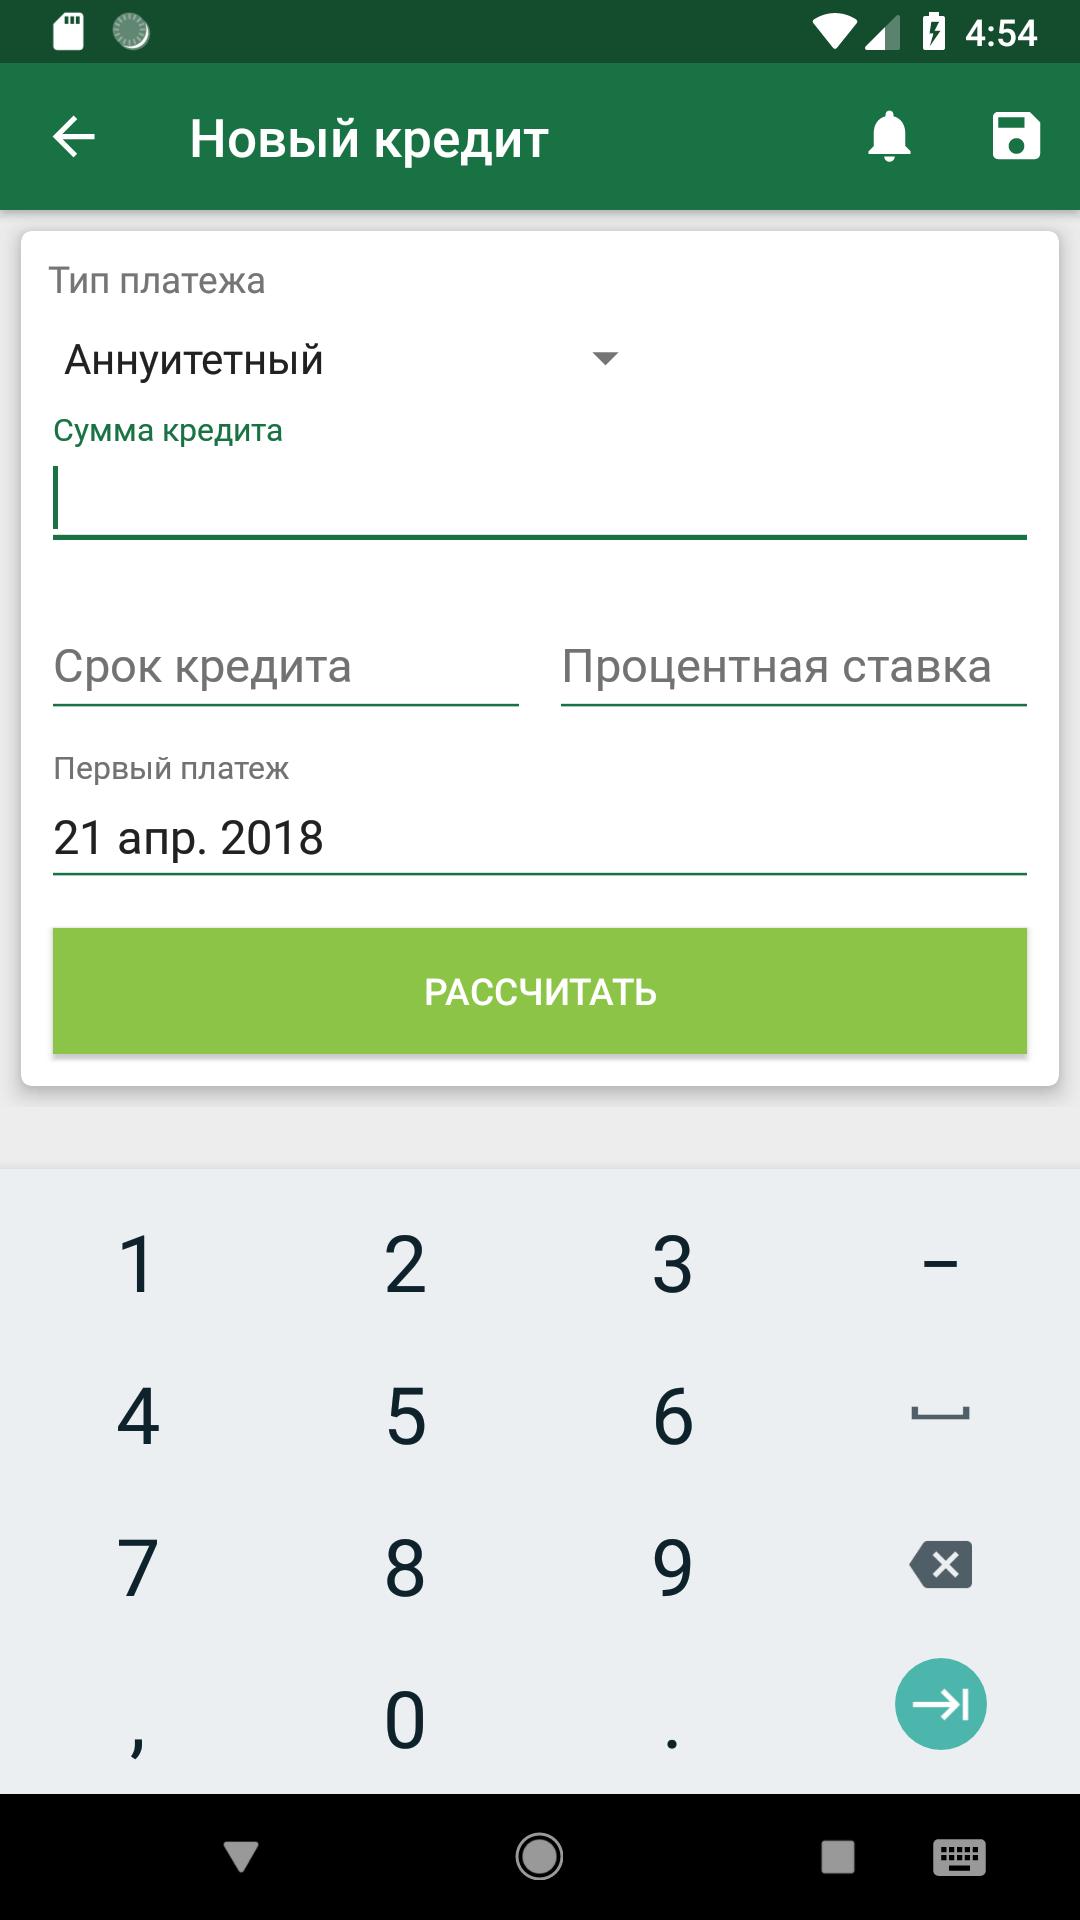 кредитный калькулятор яндекс метрика почта банк запрос на кредит